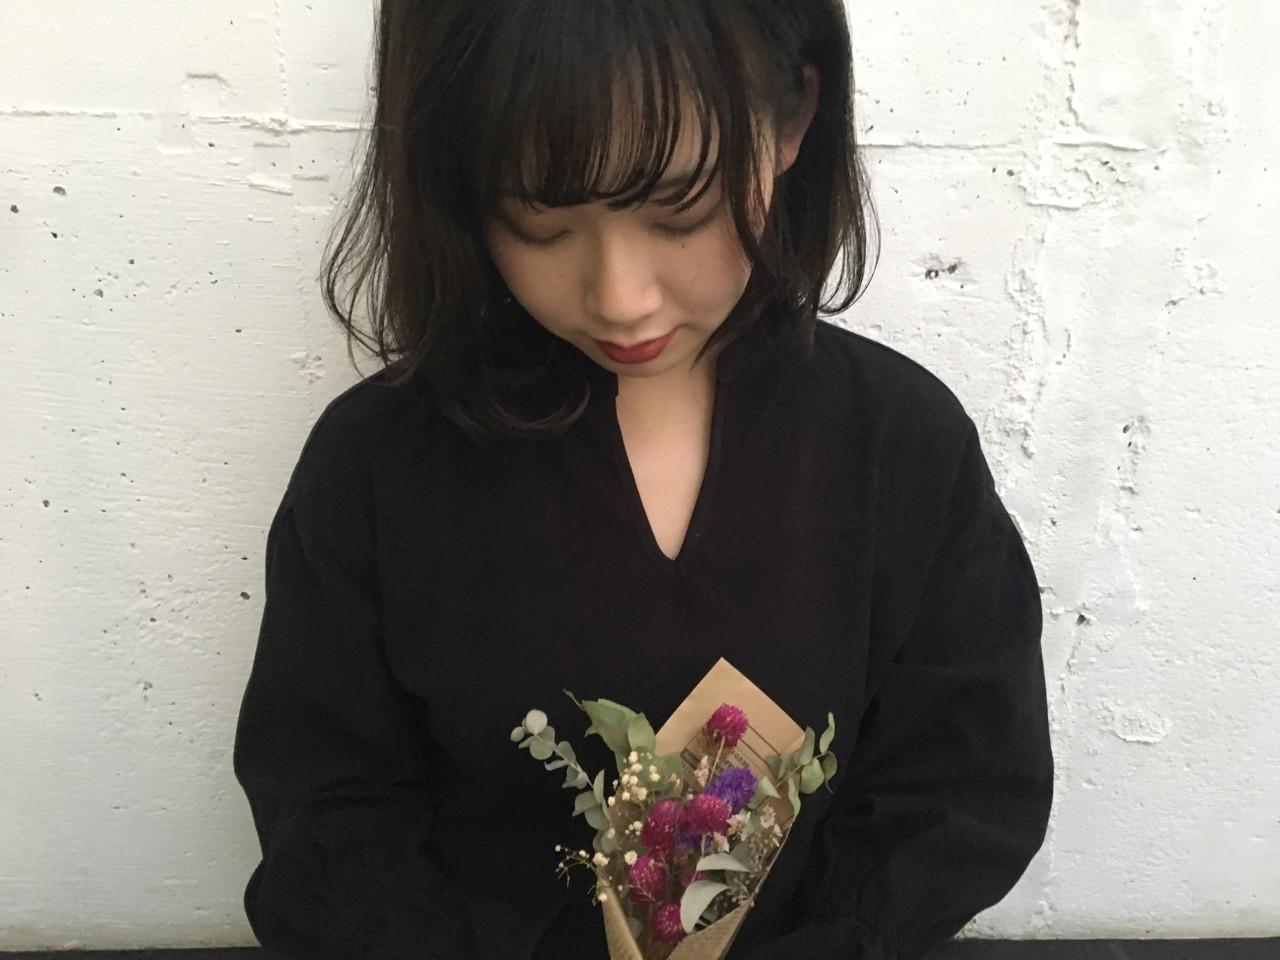 ナチュラル パーマ 暗髪 色気 ヘアスタイルや髪型の写真・画像 | 長 賢太郎 / ky-go